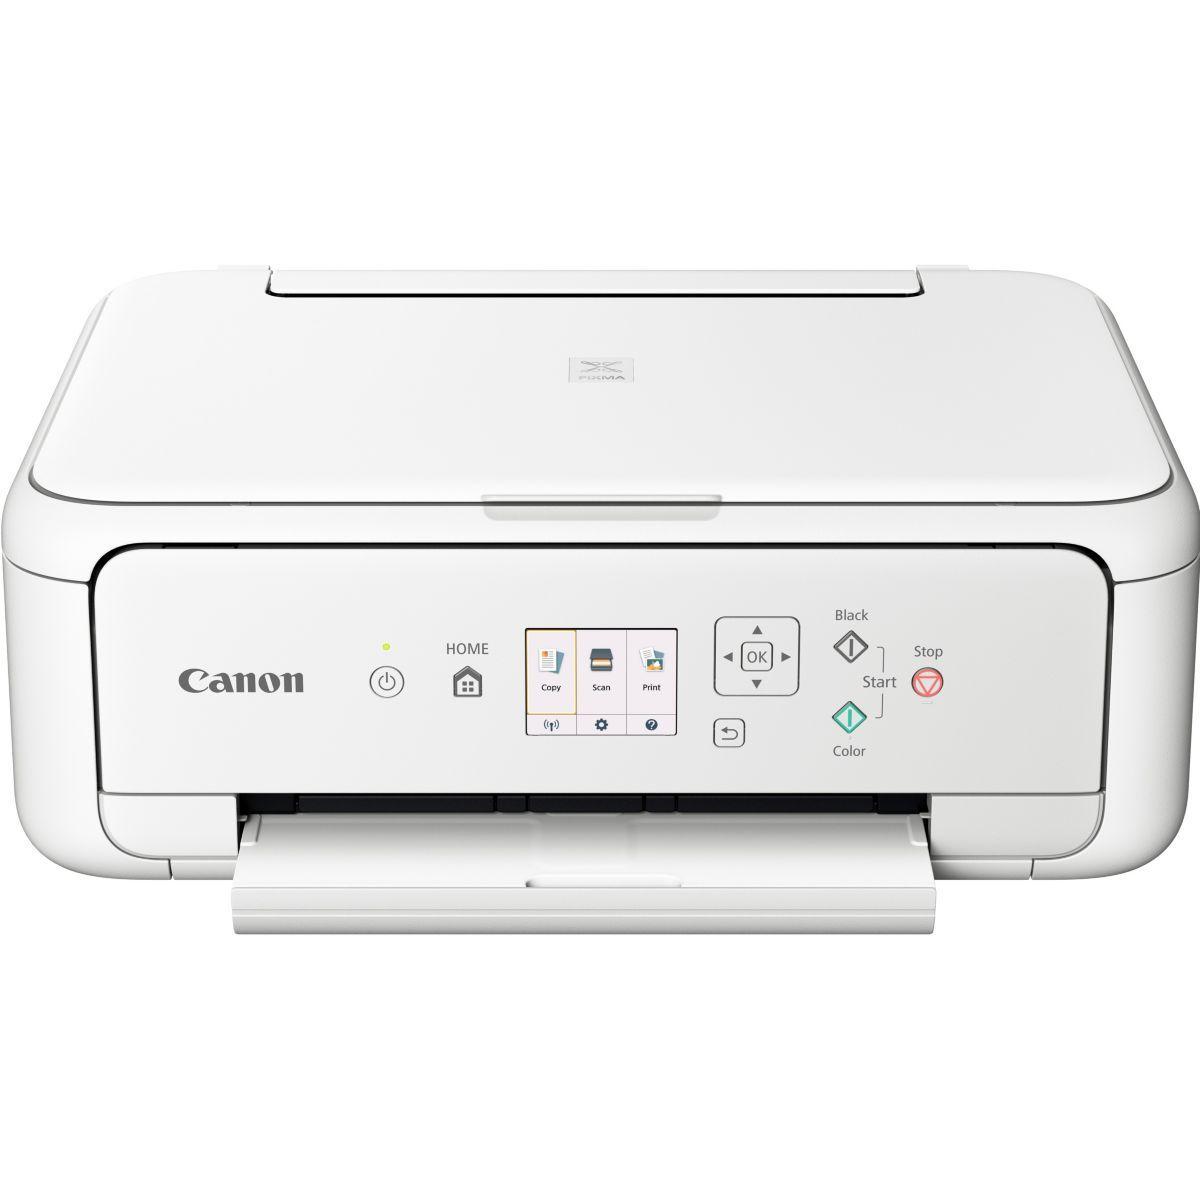 Imprimante jet d'encre canon ts 5151 blanc - livraison offerte : code premium (photo)